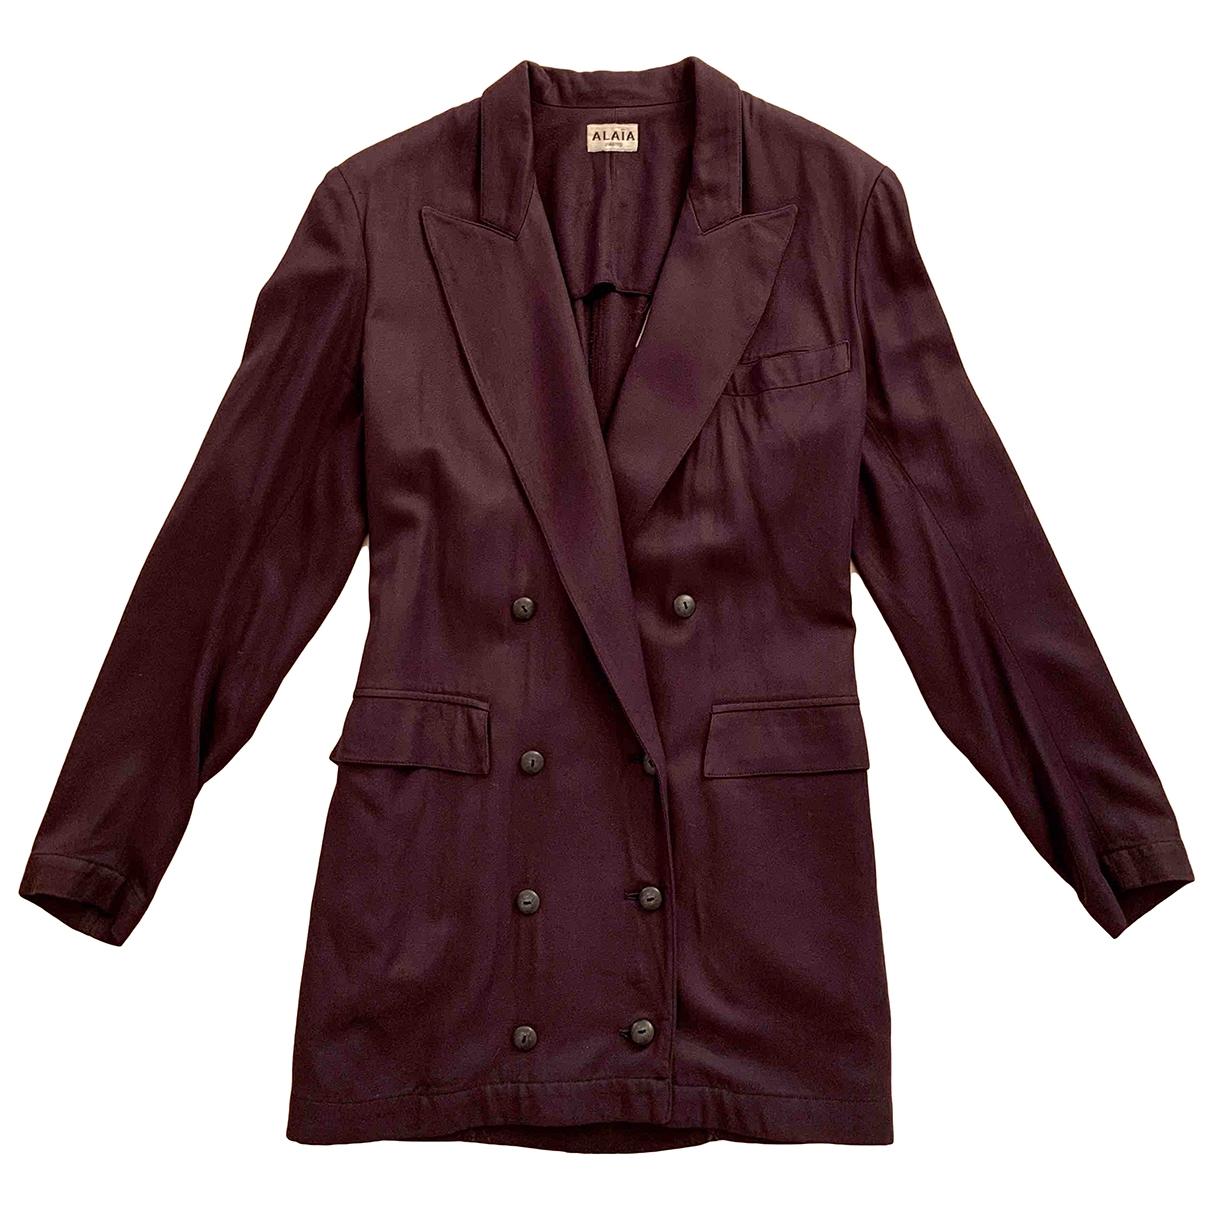 Alaïa \N Purple jacket for Women 38 FR